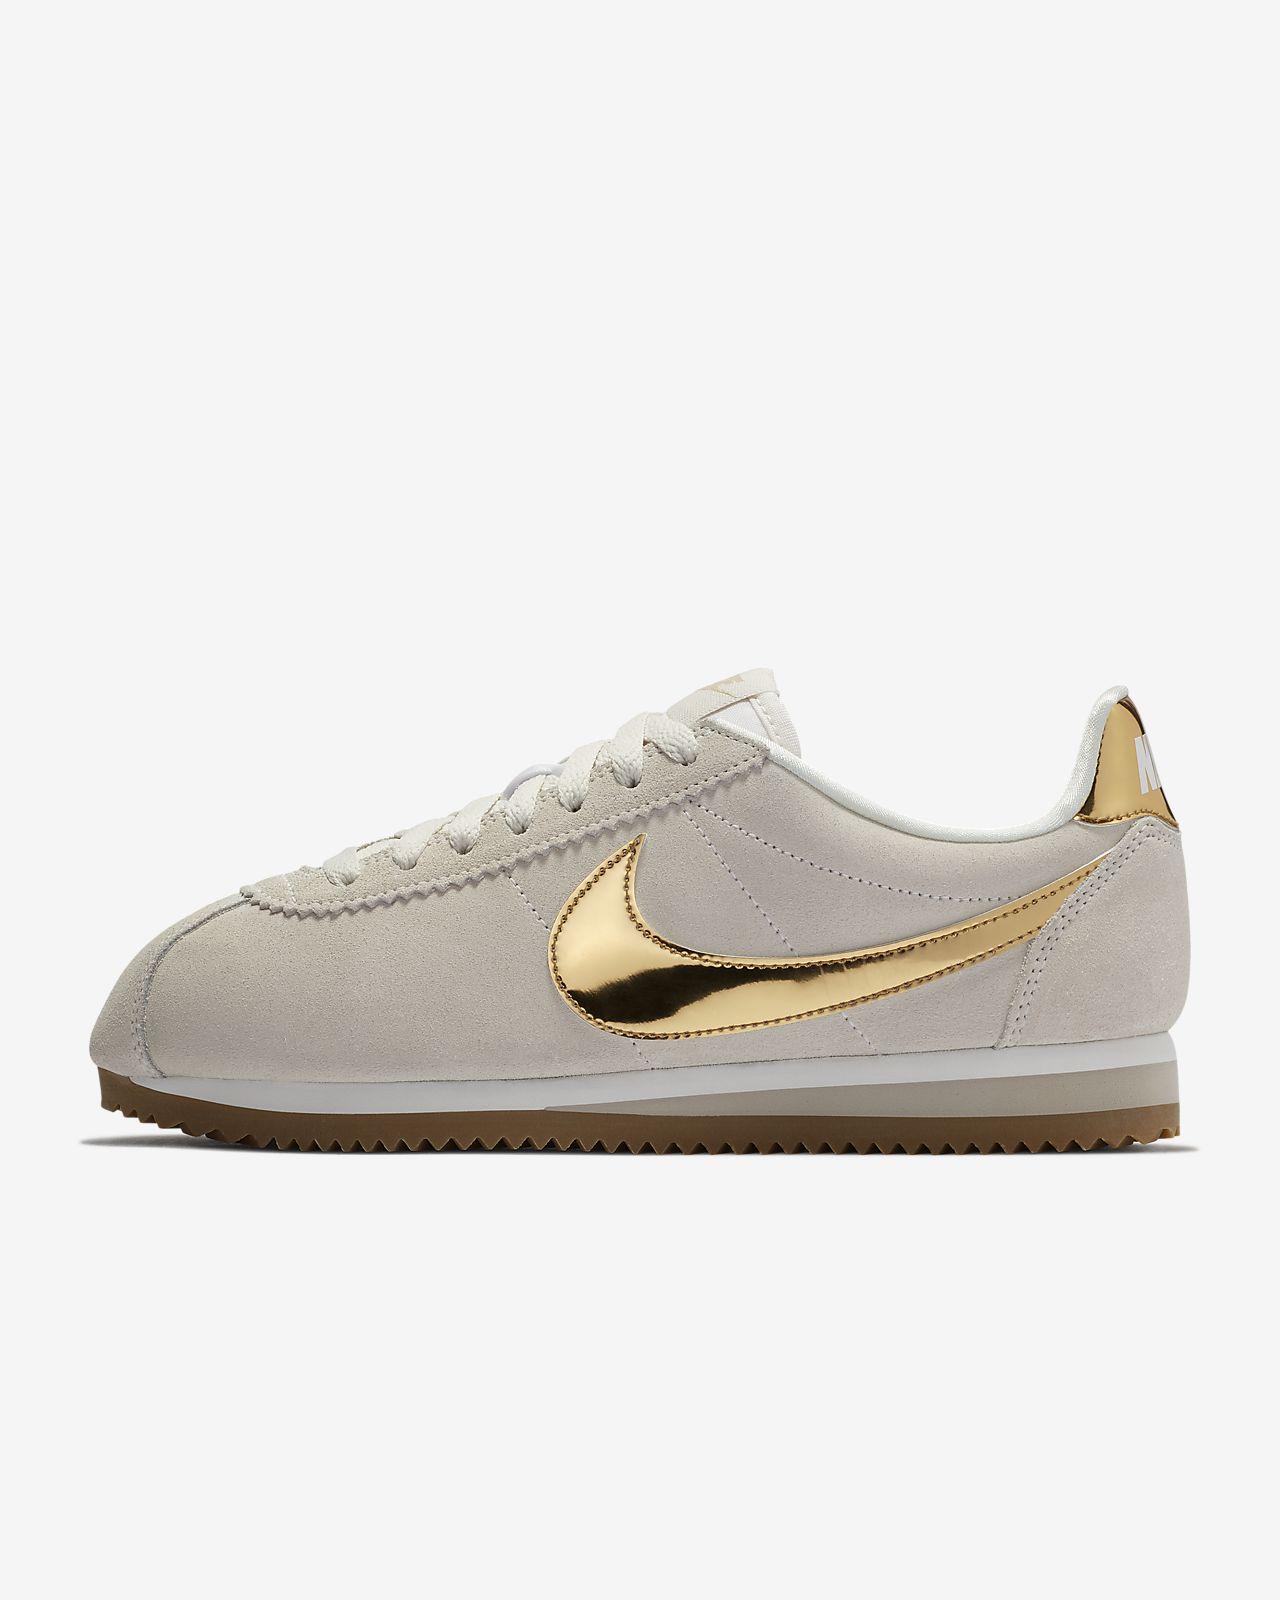 buy popular 2558c 0bde1 Women s Shoe. Nike Cortez SE